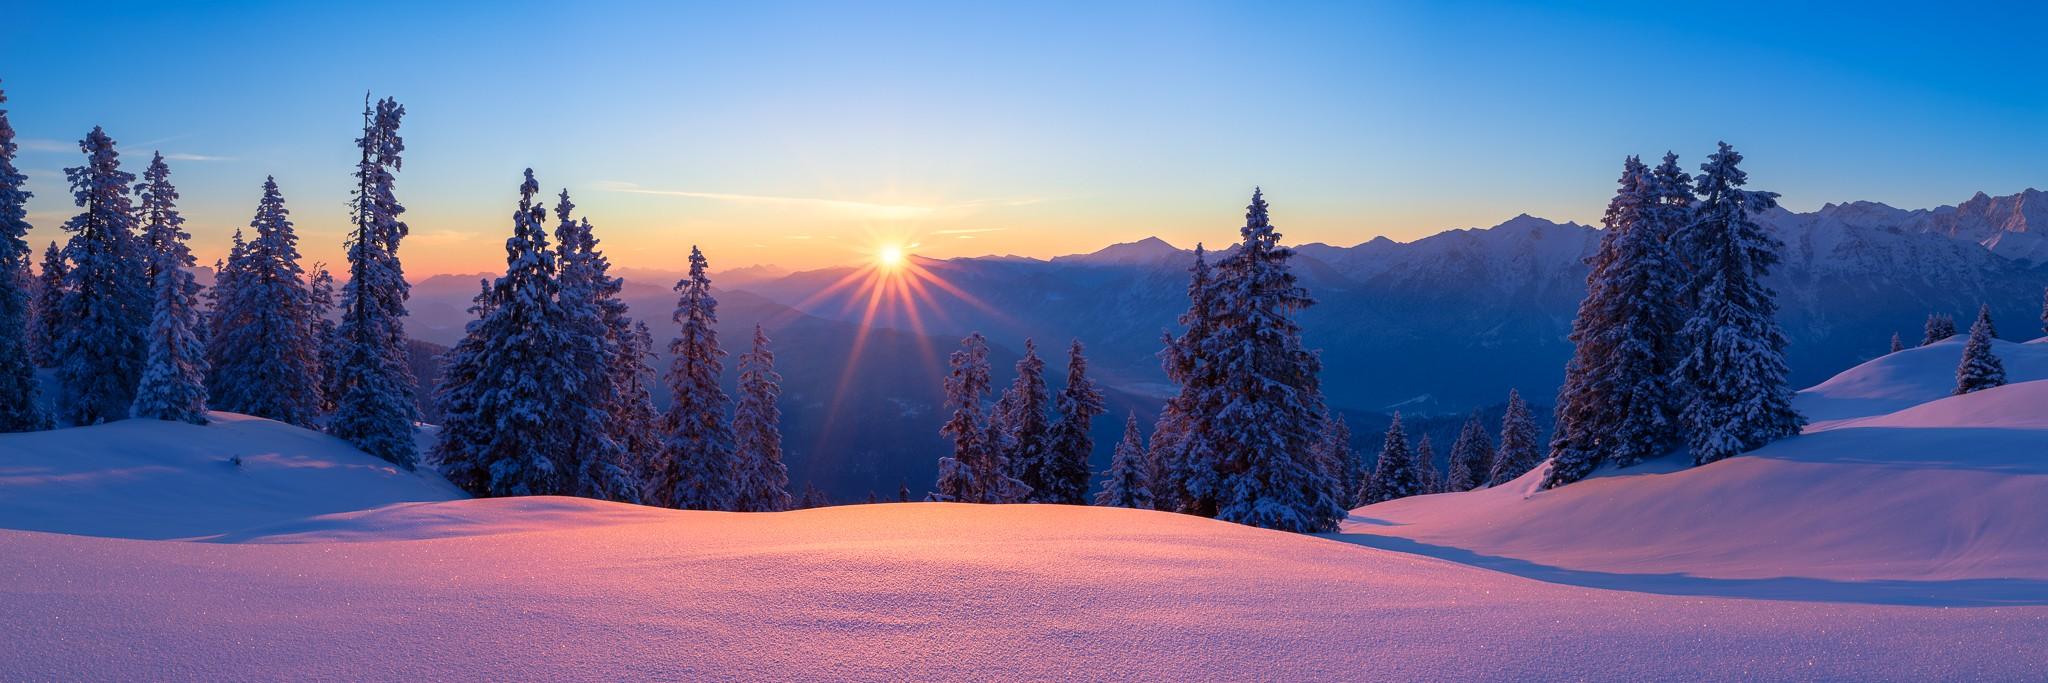 Sonnenaufgang Winterlandschaft - der Pulverschnee funkelt